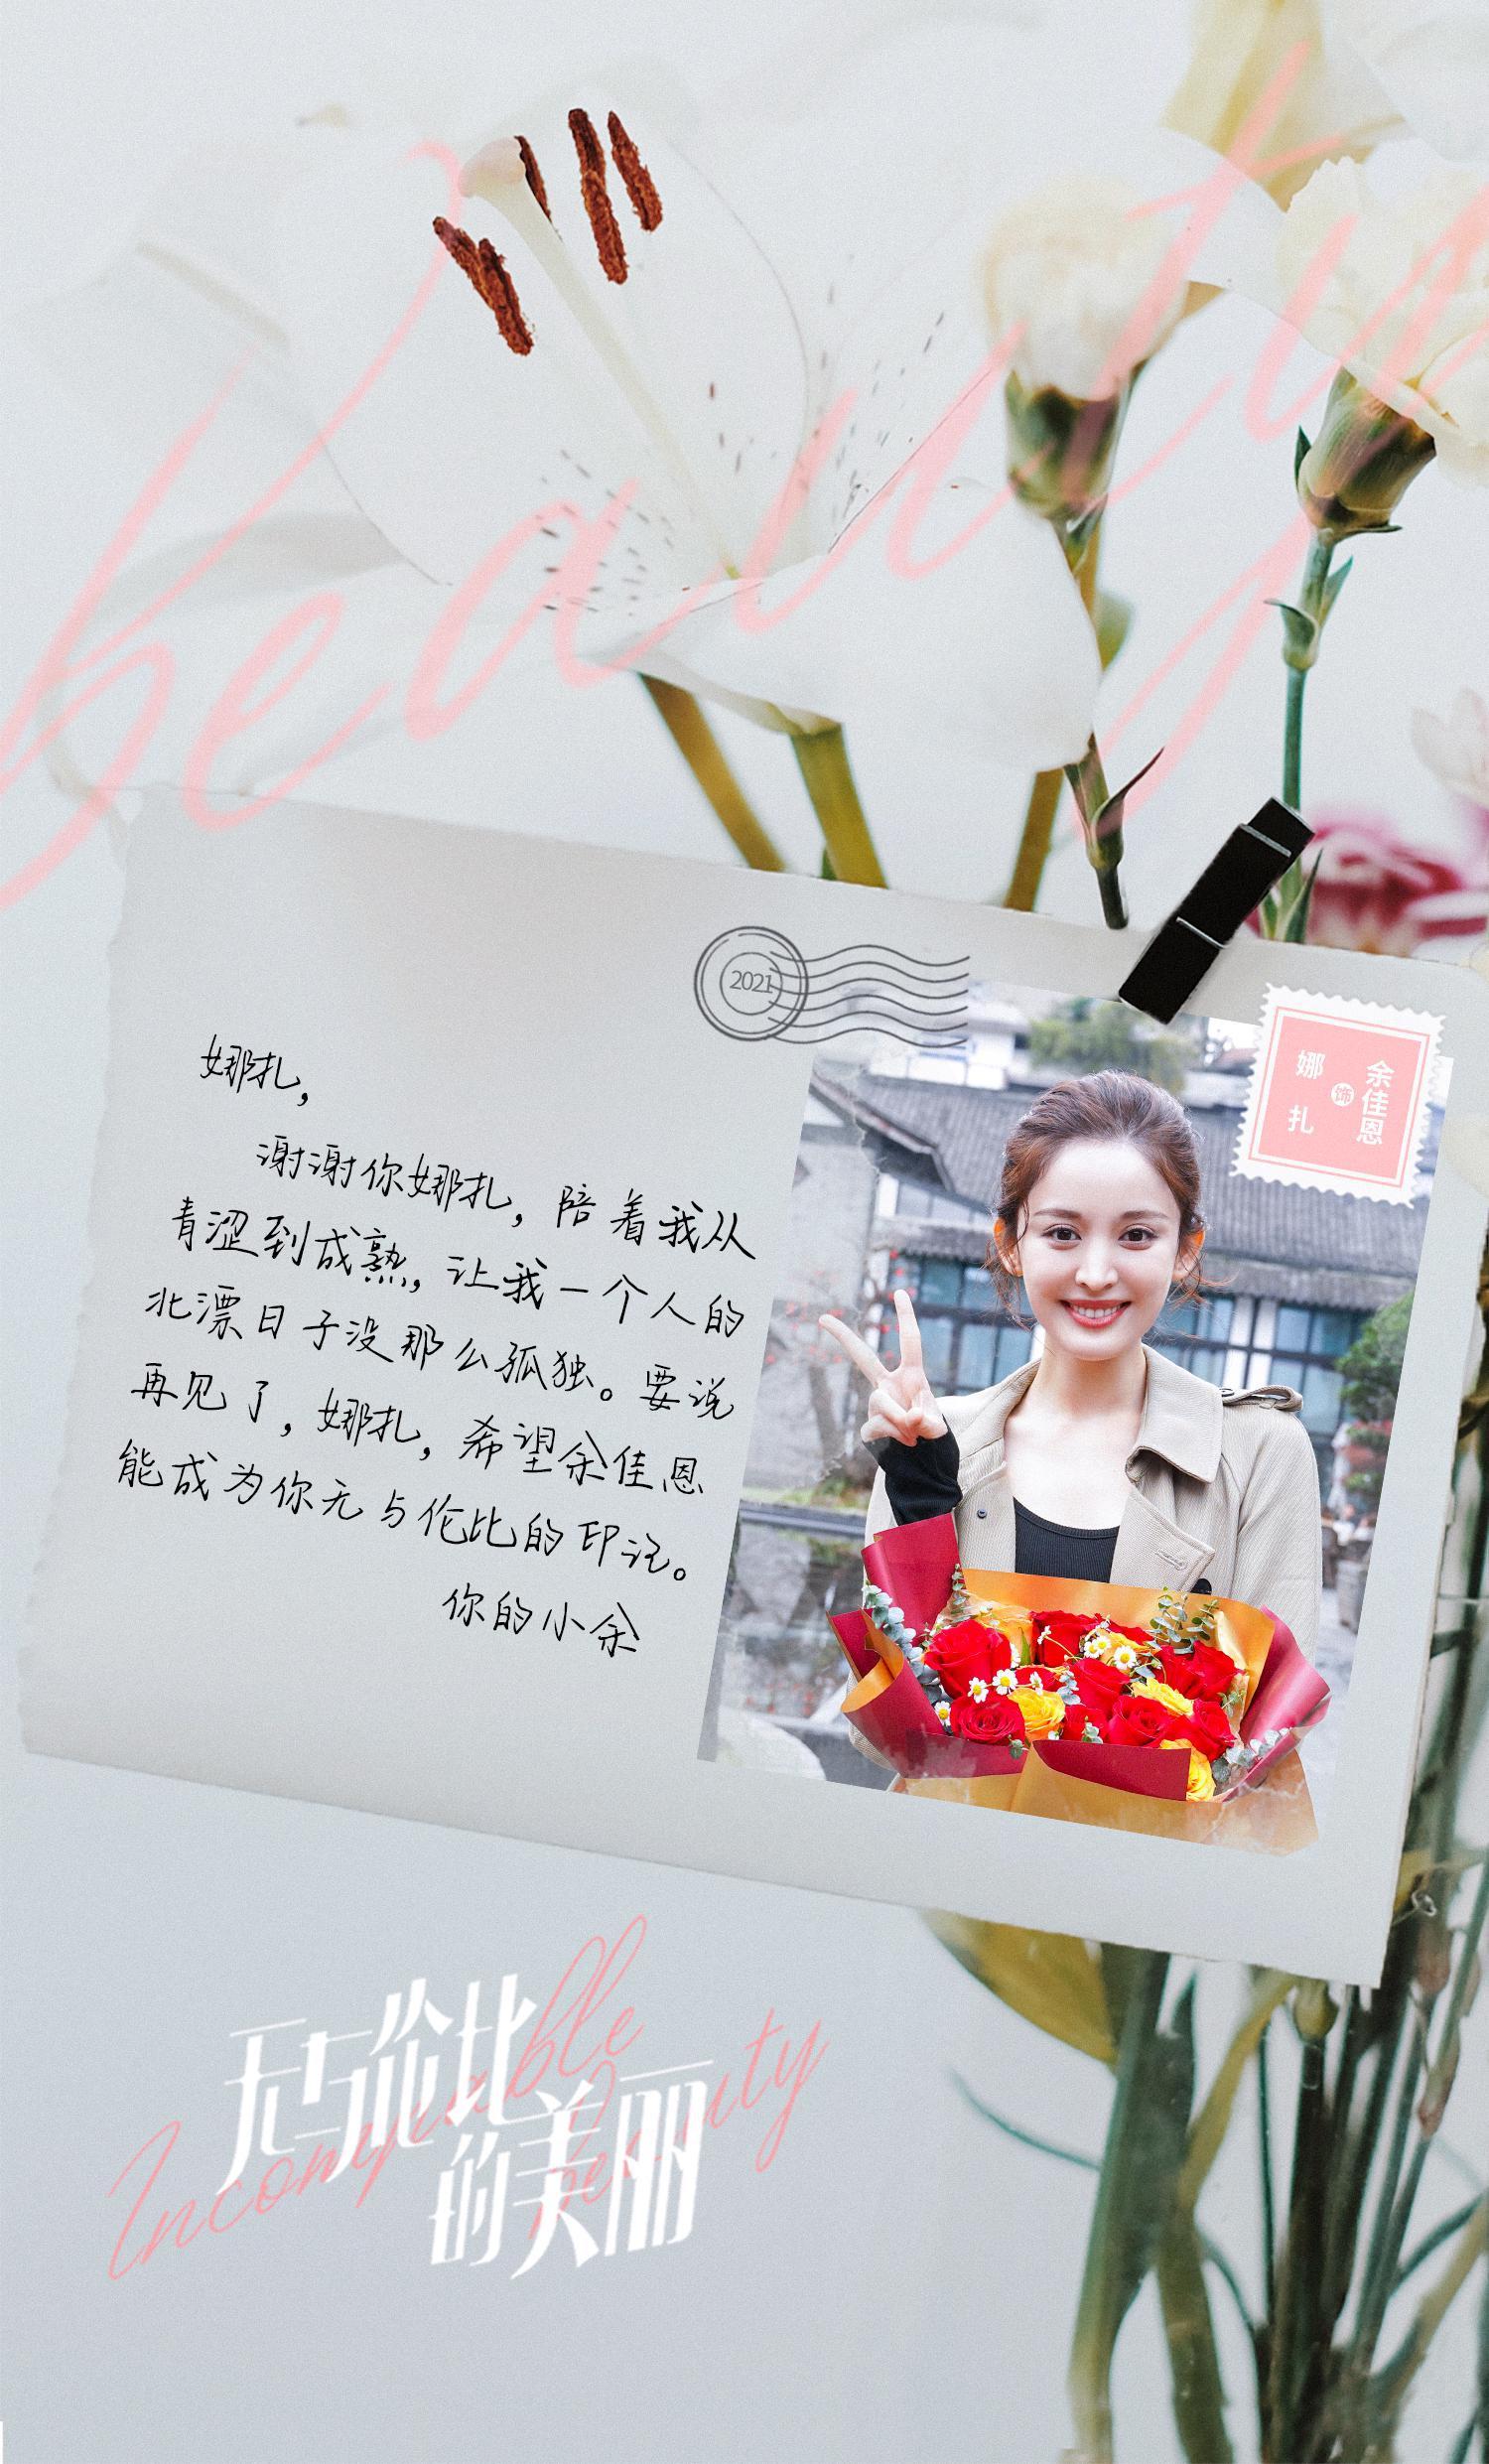 光辉平台主管《无与伦比的美丽》杀青 陈晓娜扎探秘人生